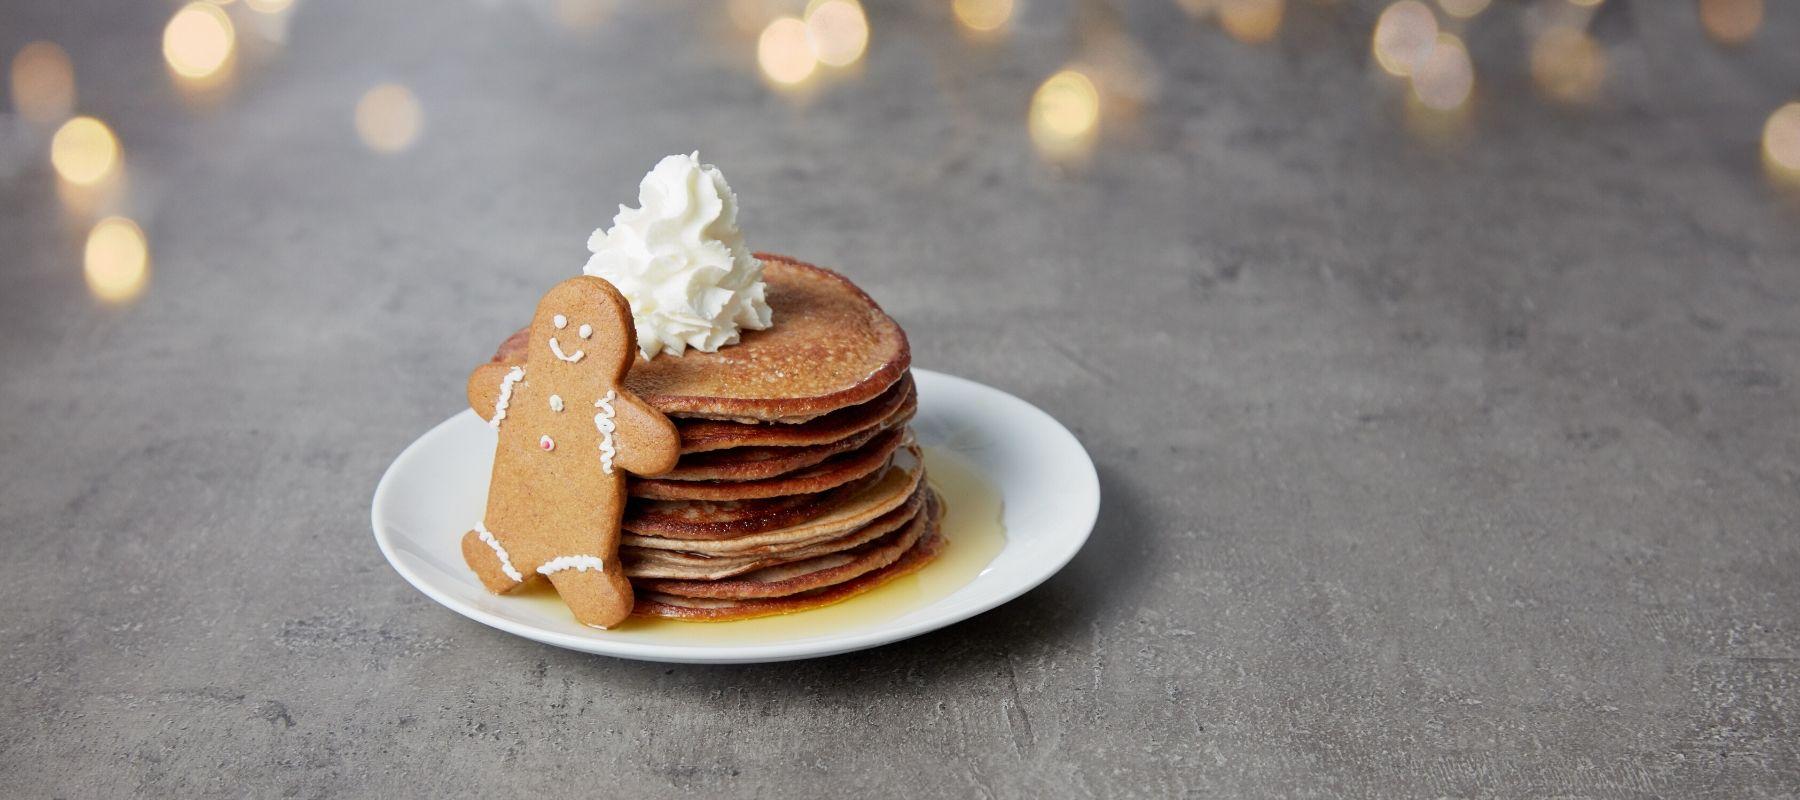 Ginger Protein Pancakes | Voor Een Feestelijke Brunch